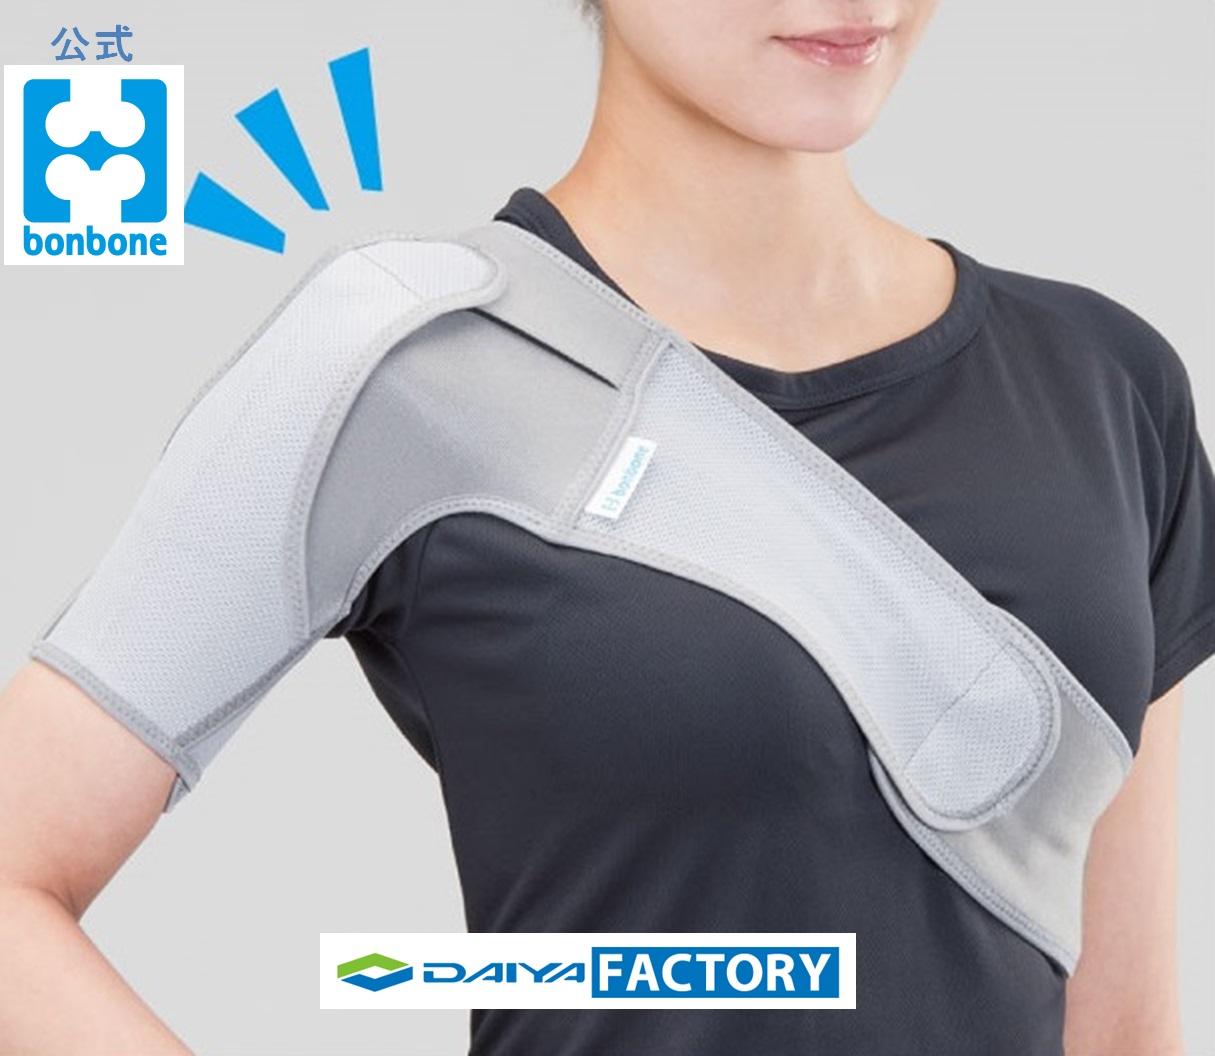 肩関節周囲 腱板 肩鎖関節 肩関節をサポート サポーター 迅速な対応で商品をお届け致します 肩 引上げ 固定 Mサイズダイヤ工業 送料無料 DAIYA オリジナル メーカー直販サイト FACTORYbonbone 肩関節 宅急便 メッシュアップショルダー